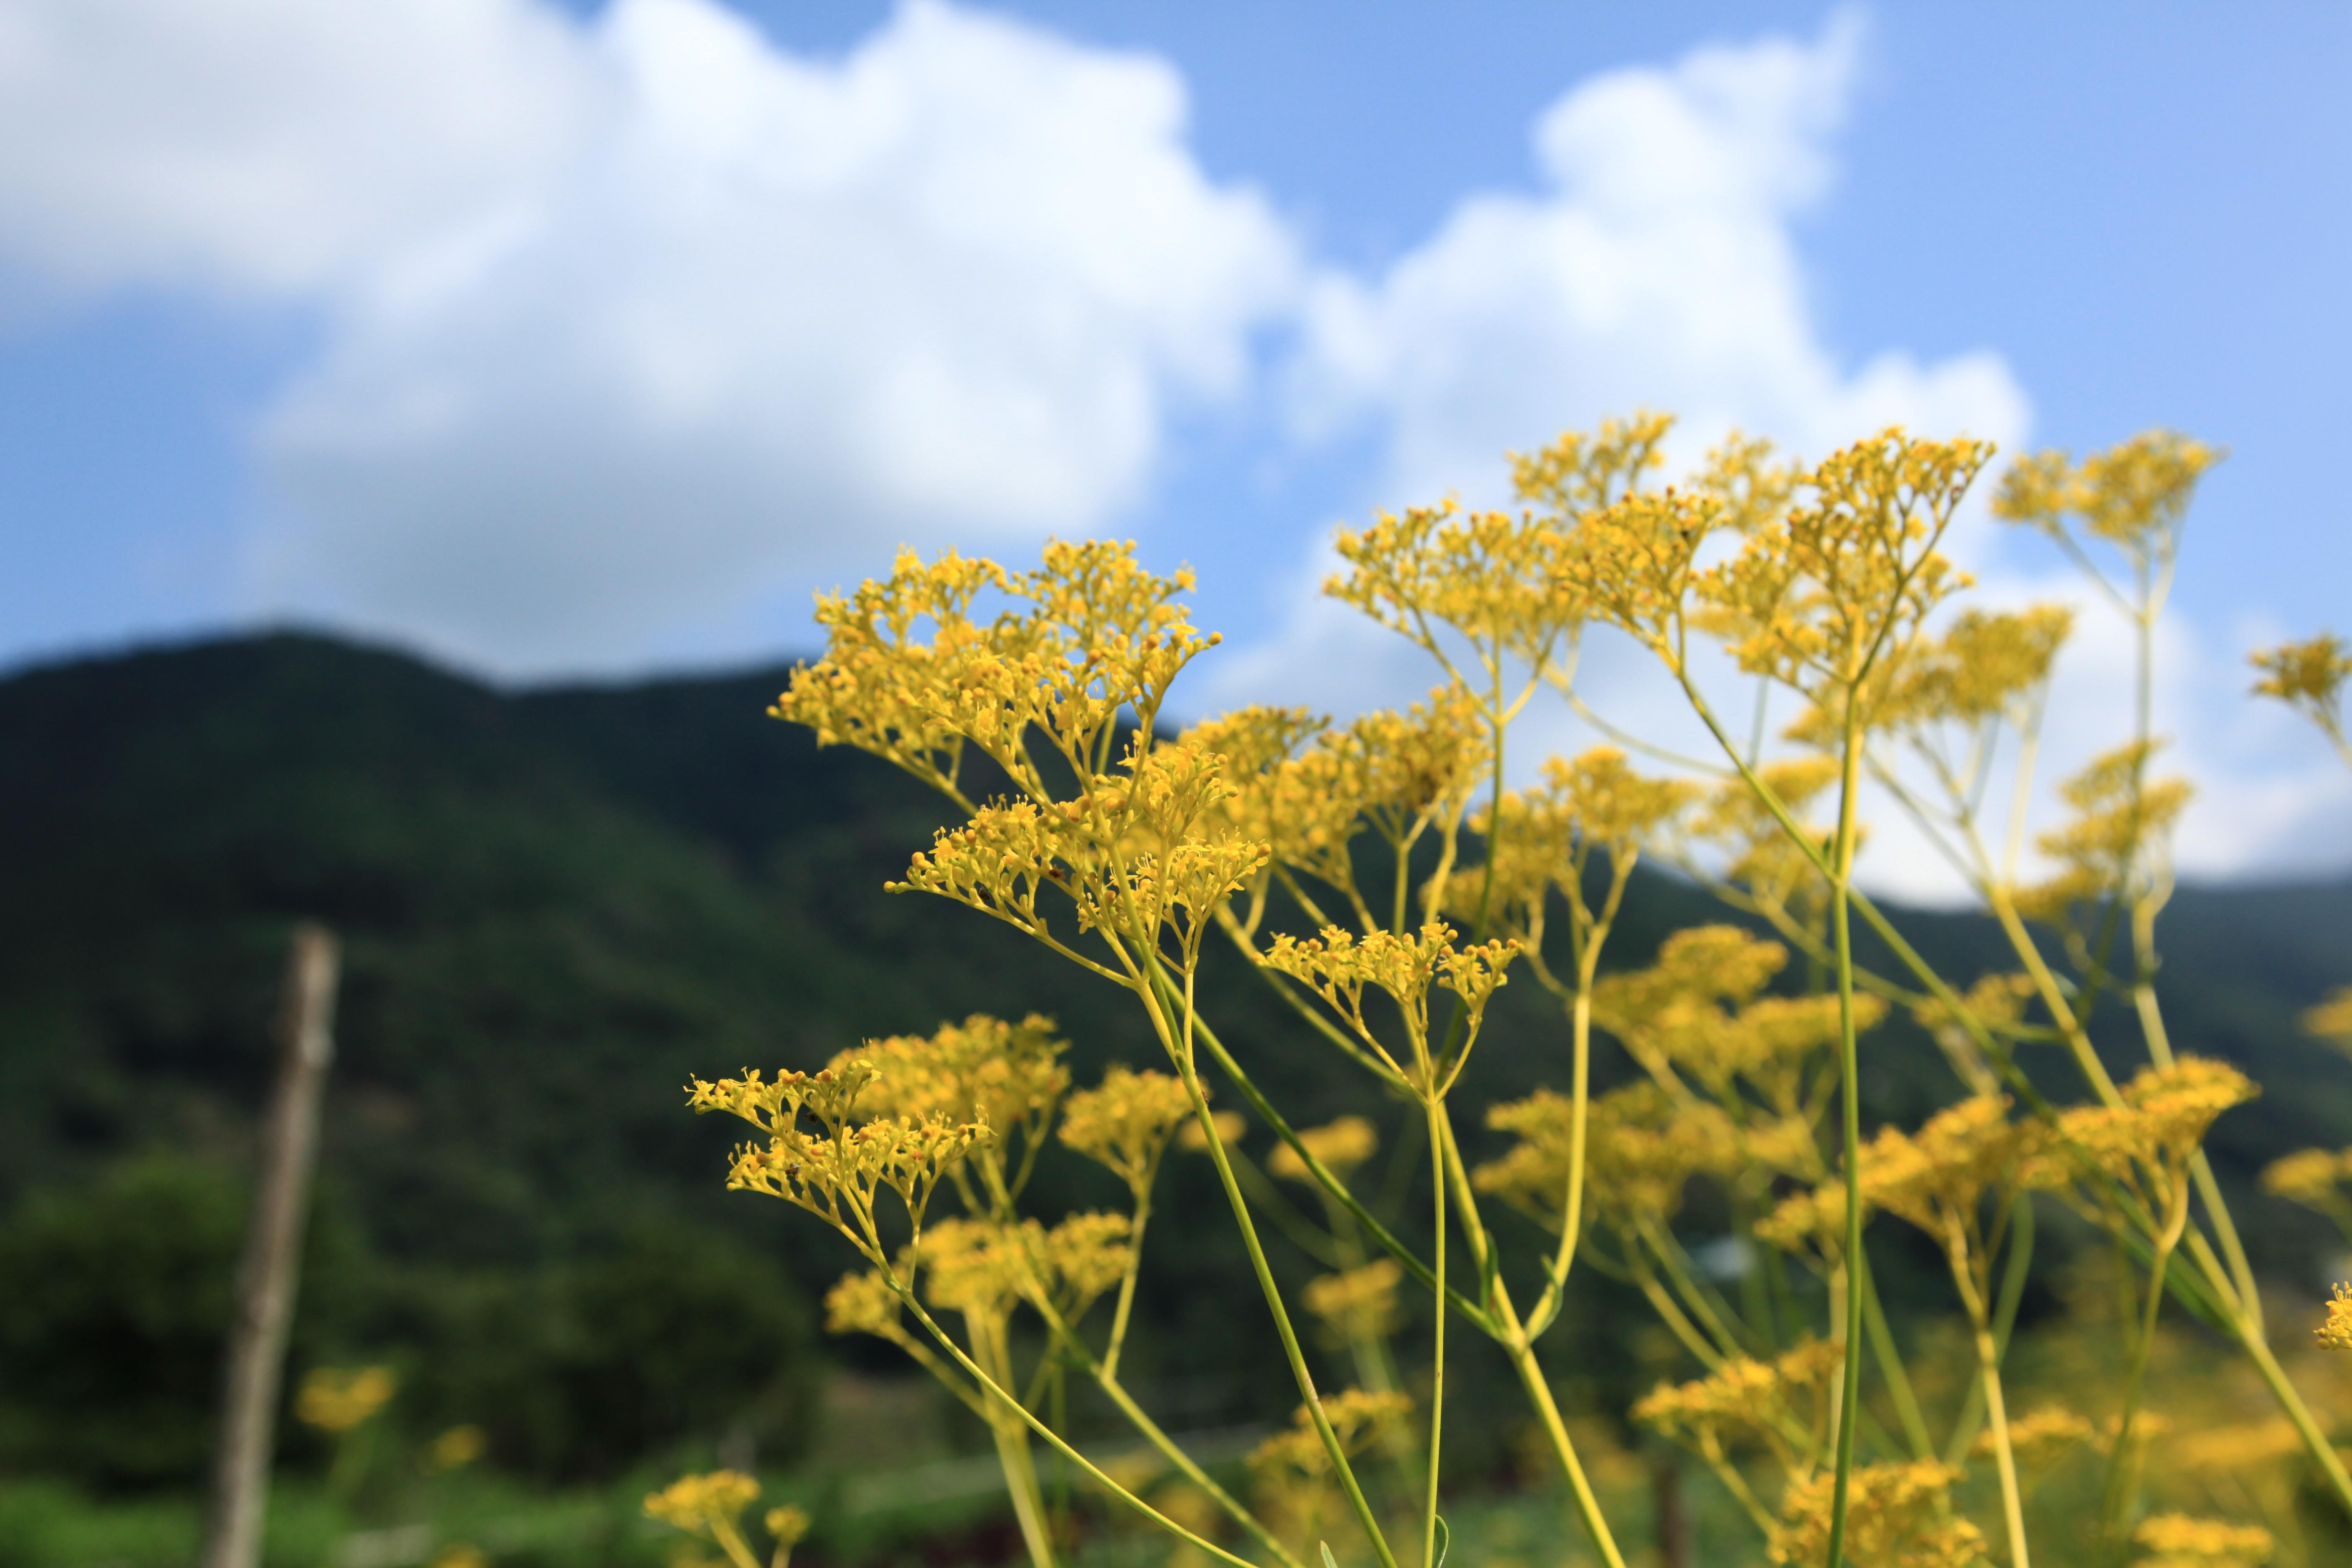 オミナエシ 真っ黄色の花に秋の虫が集まりて・・